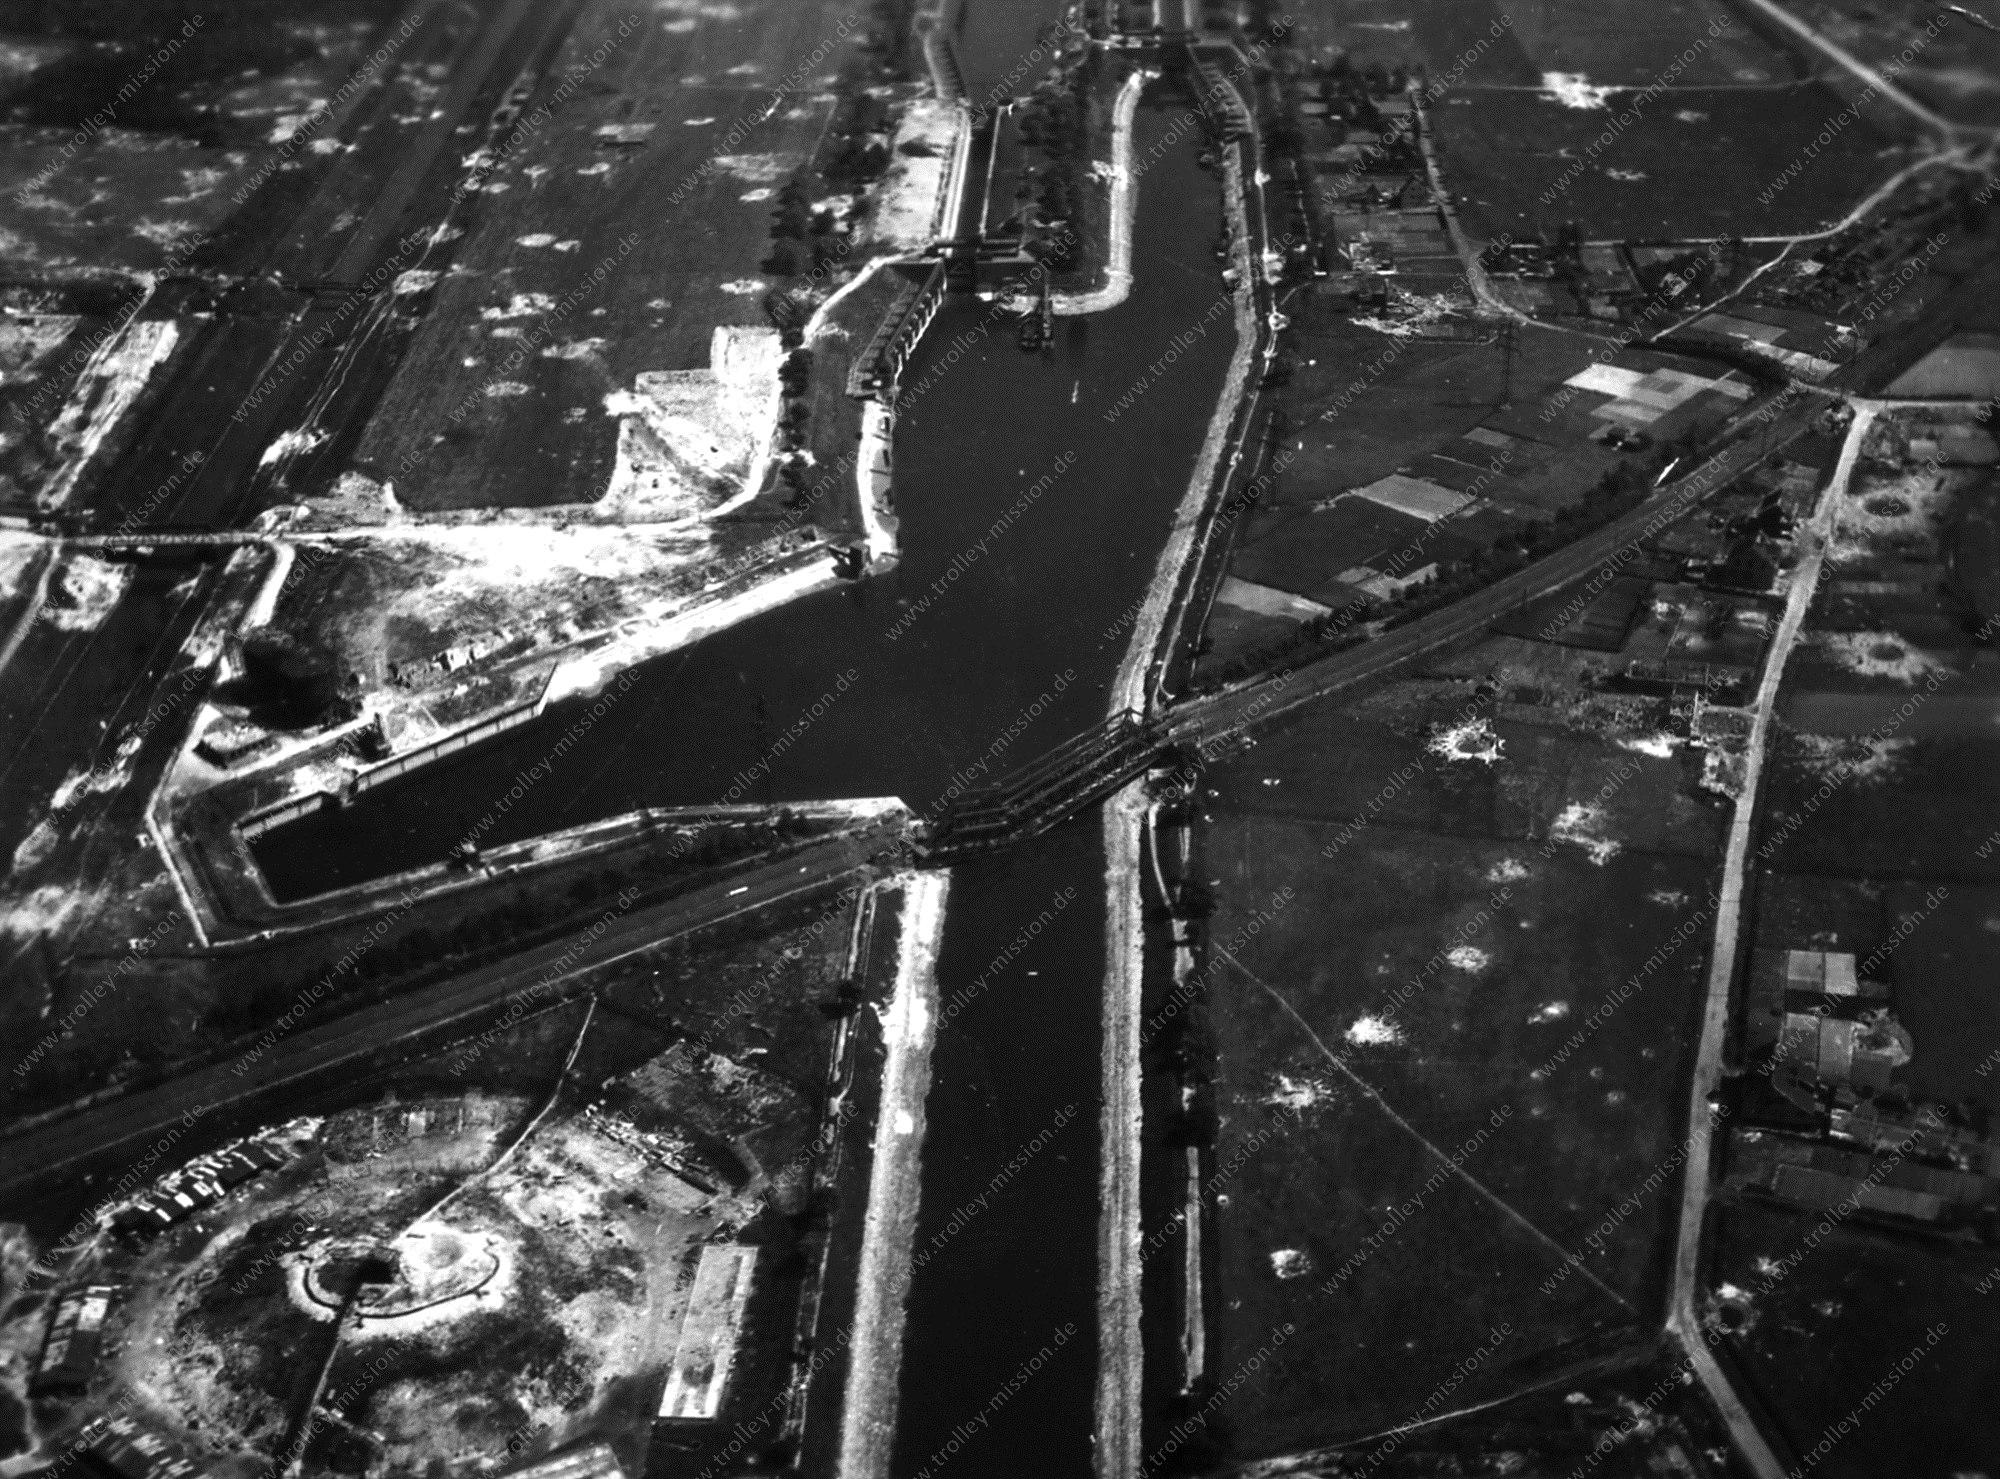 Schleuse Gelsenkirchen und Rhein-Herne-Kanal - Luftbild nach dem Zweiten Weltkrieg im Mai 1945